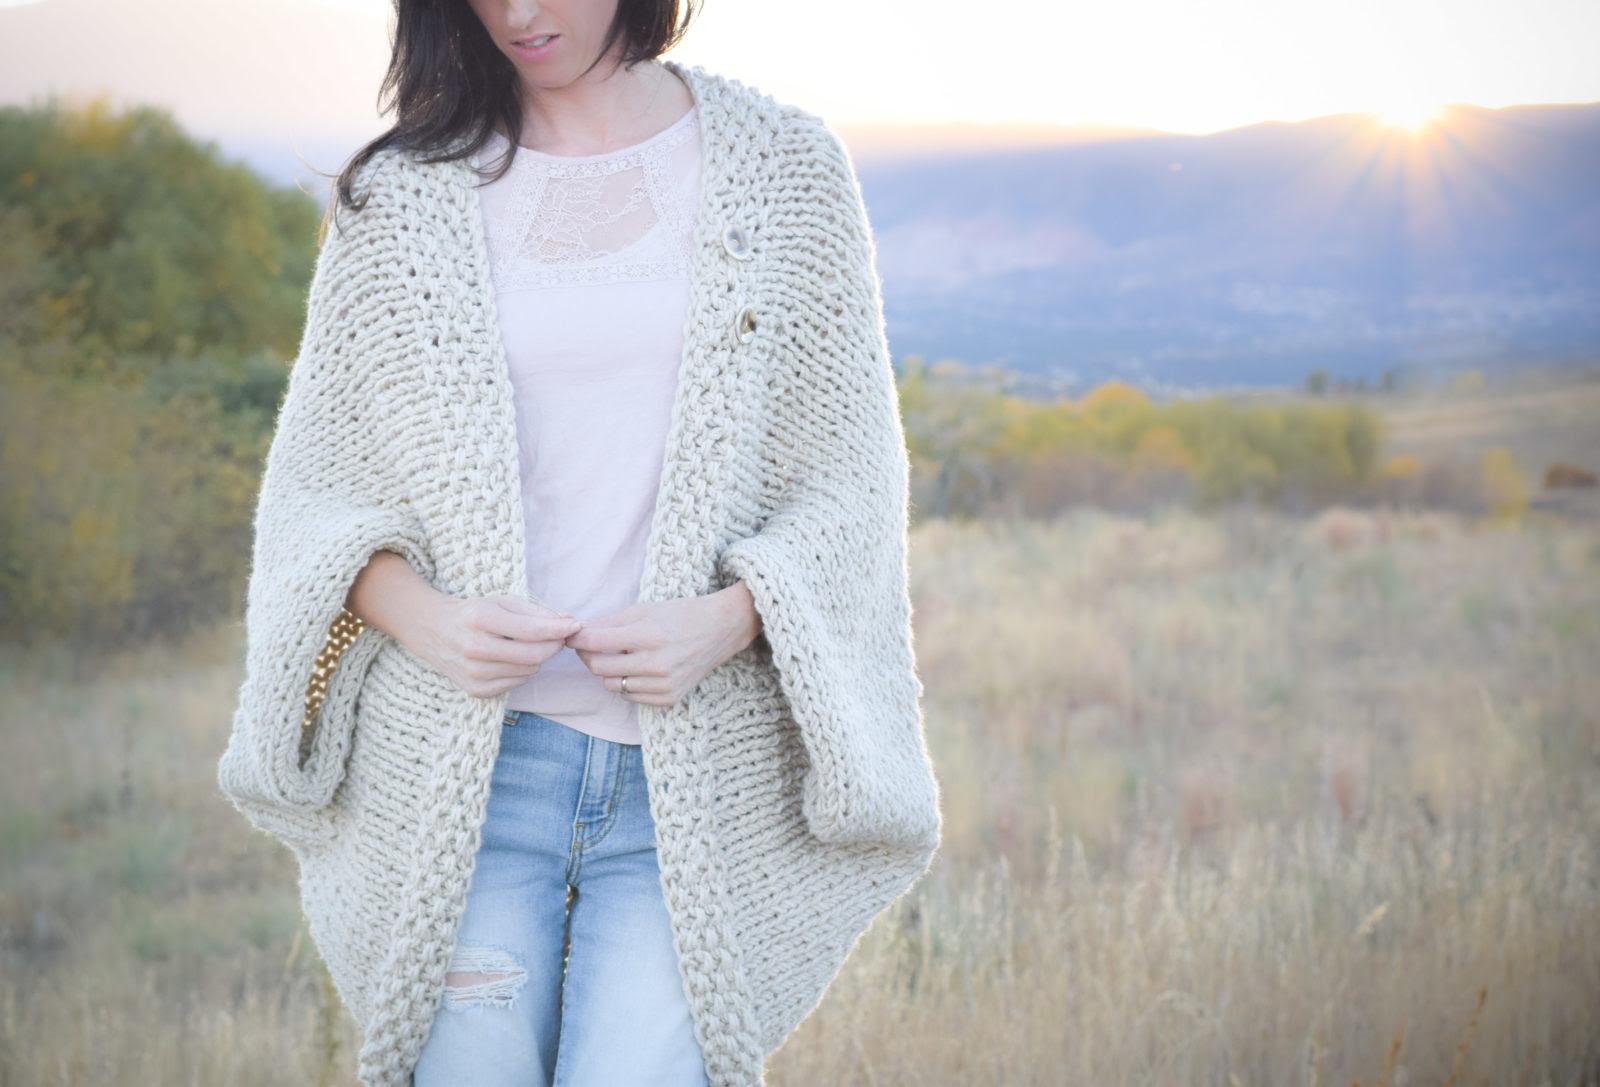 Pattern online crochet blanket pattern sweater easy free tall sizes